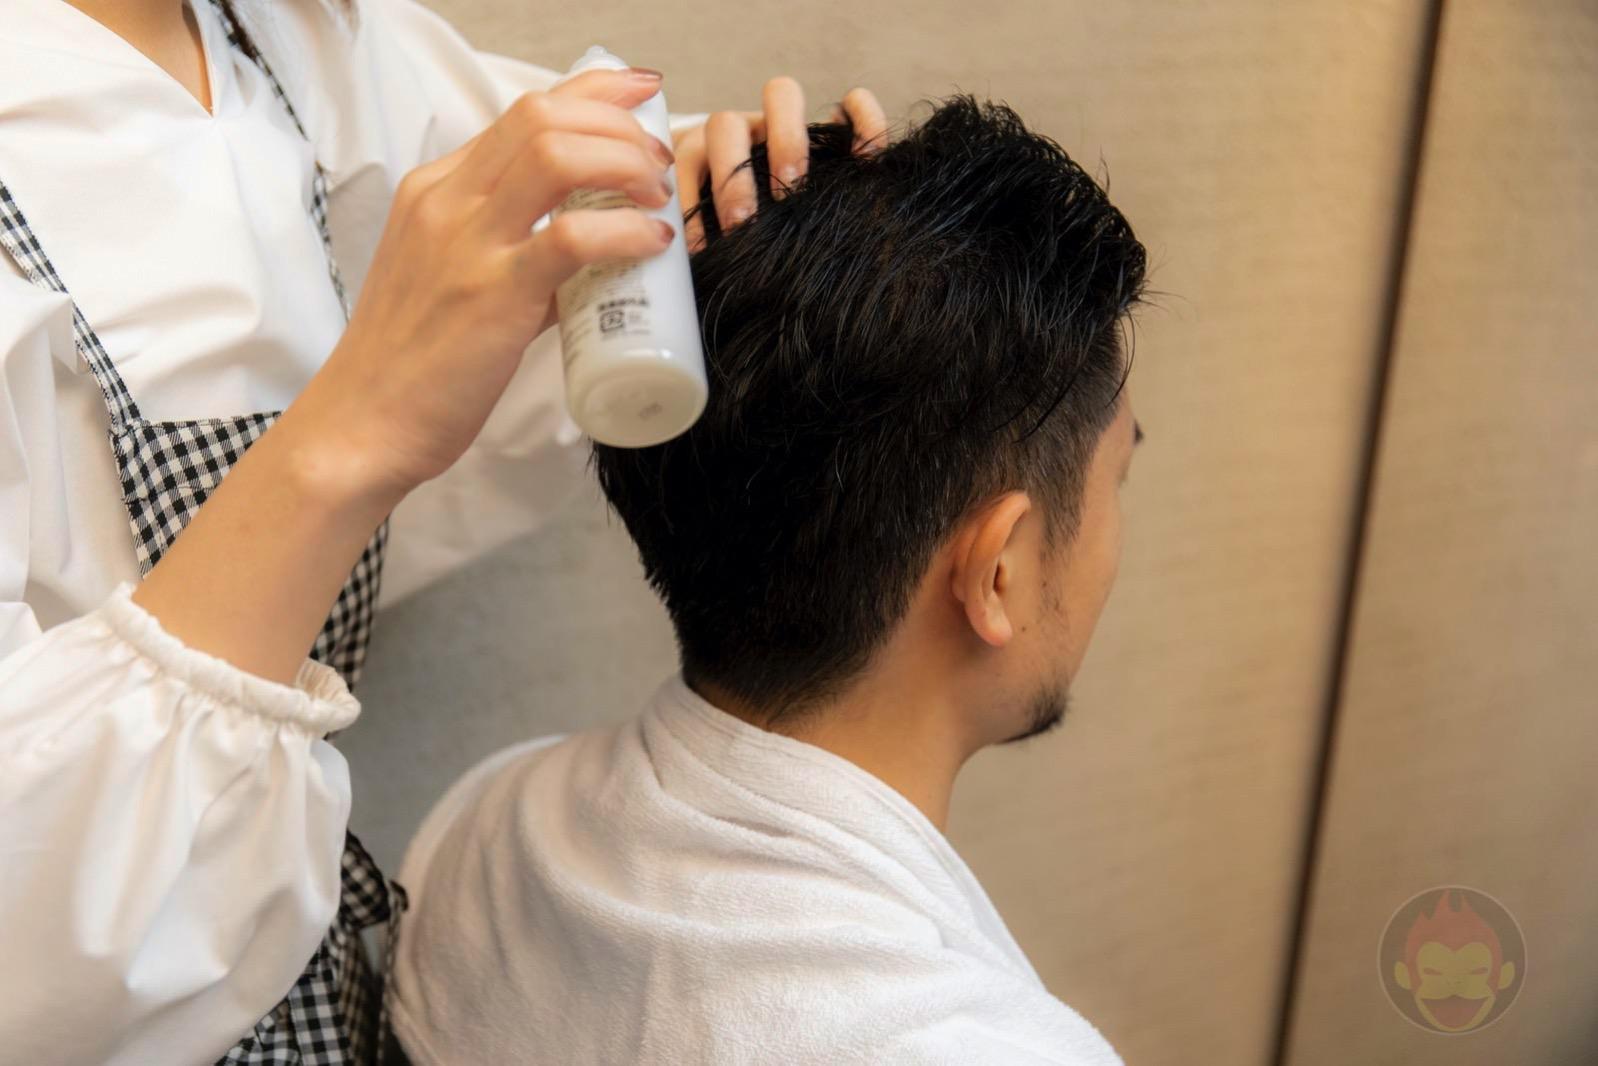 Shampoo Bar U MA Experience 23